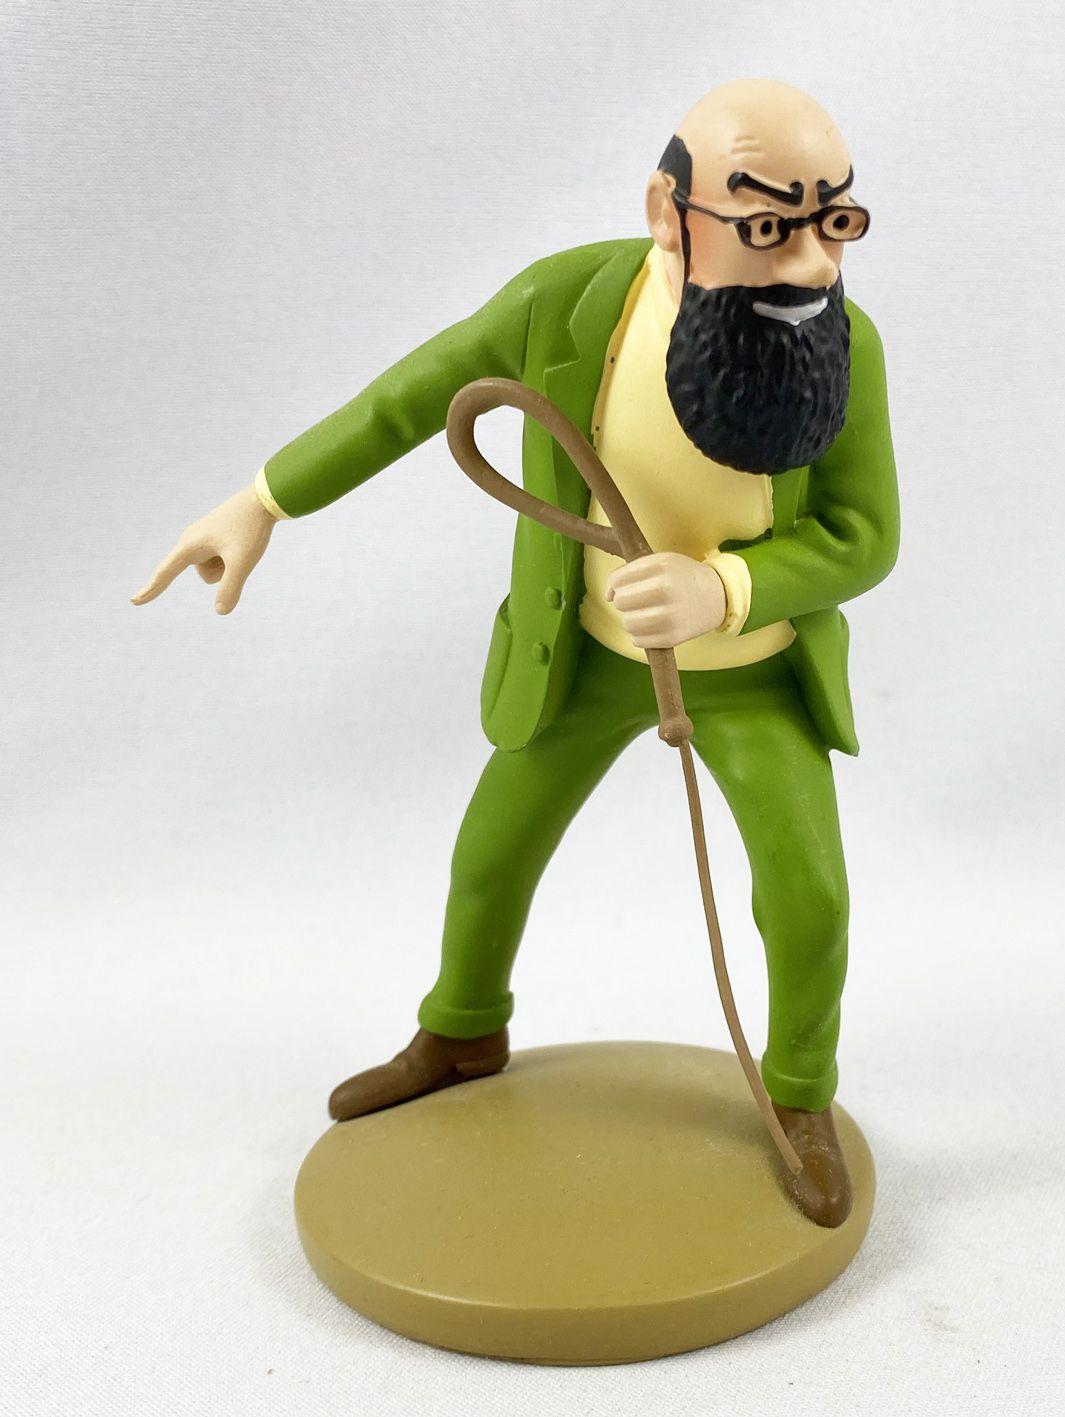 Tintin - Collection Officielle des Figurines Moulinsart - N°103 Wronzoff, le complice du Docteur Müller